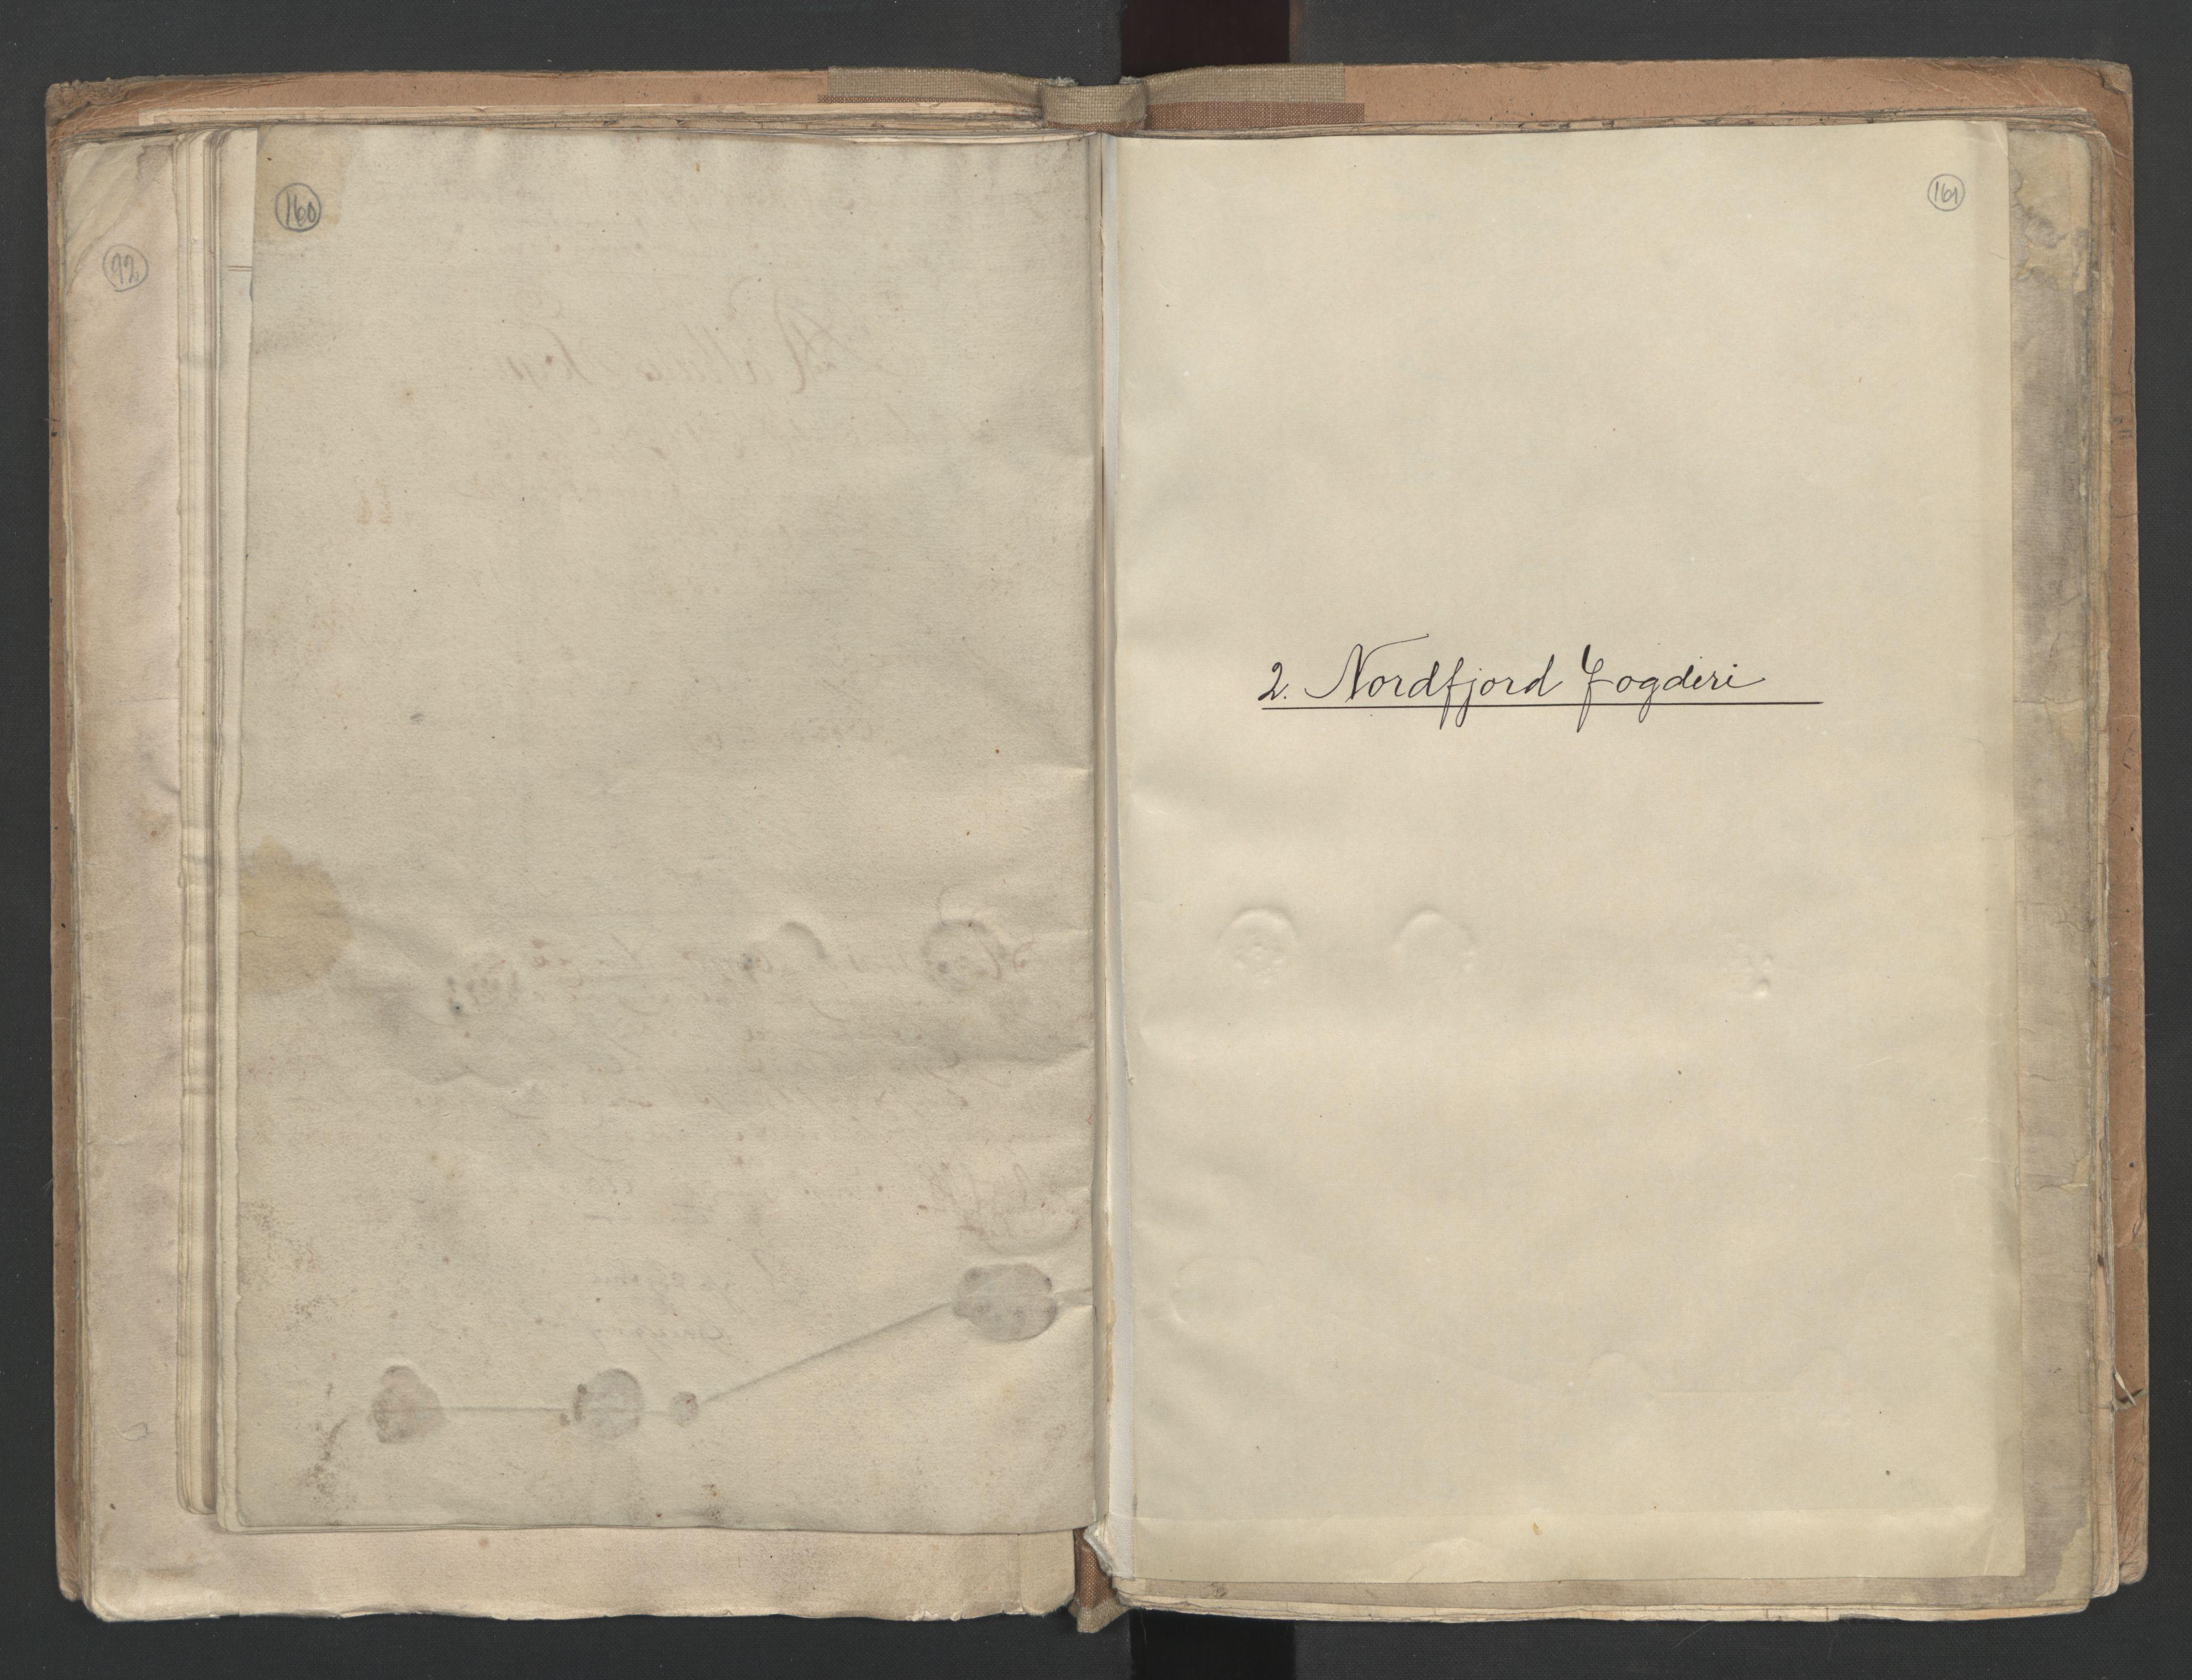 RA, Manntallet 1701, nr. 9: Sunnfjord fogderi, Nordfjord fogderi og Svanø birk, 1701, s. 160-161